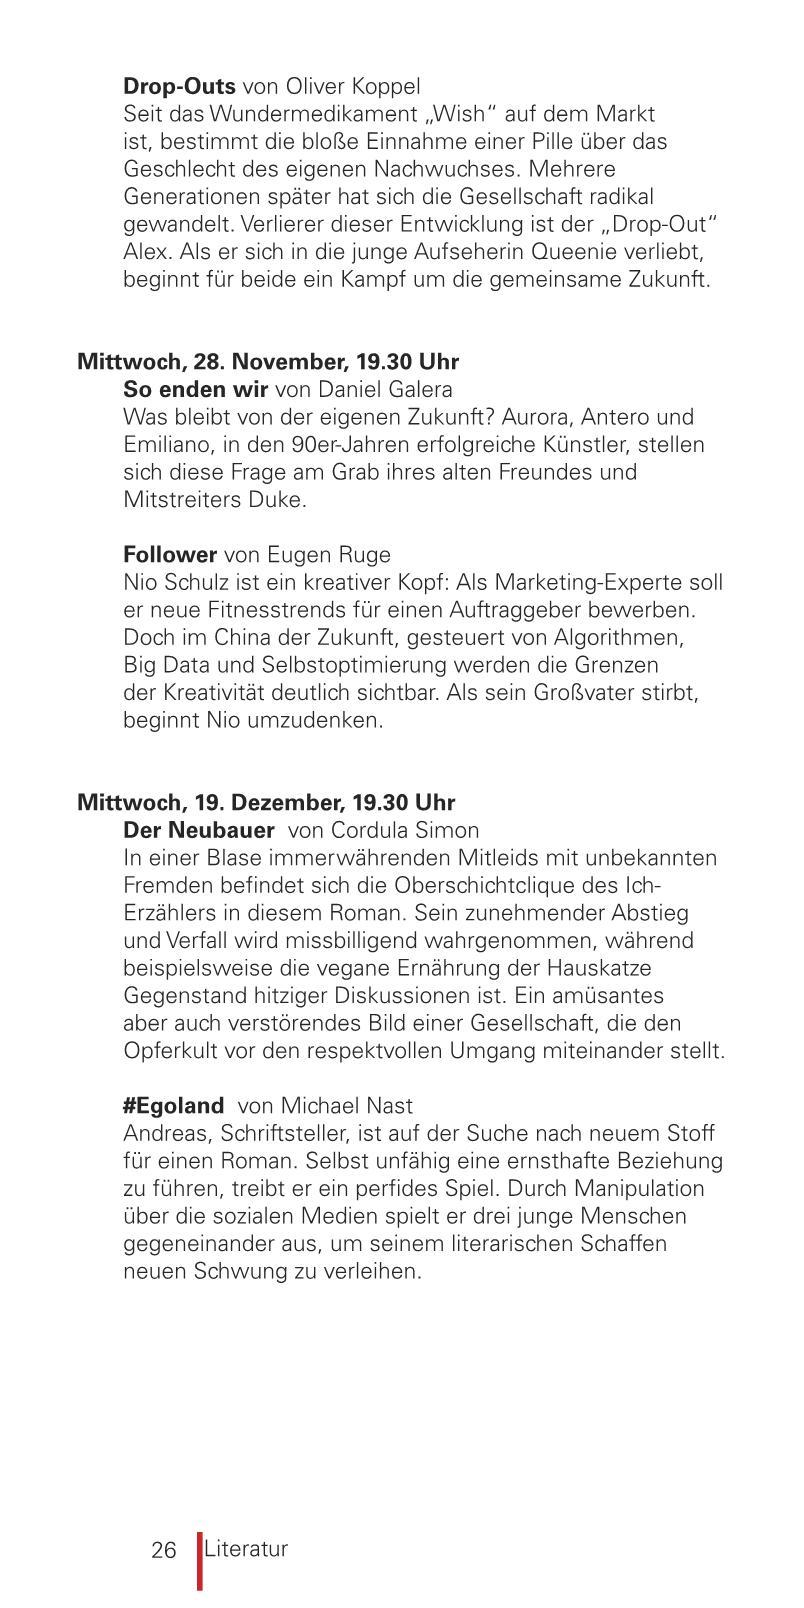 Index Of Pageflip Vhs Herbstprogramm 2018 Files Assets Mobile Pages